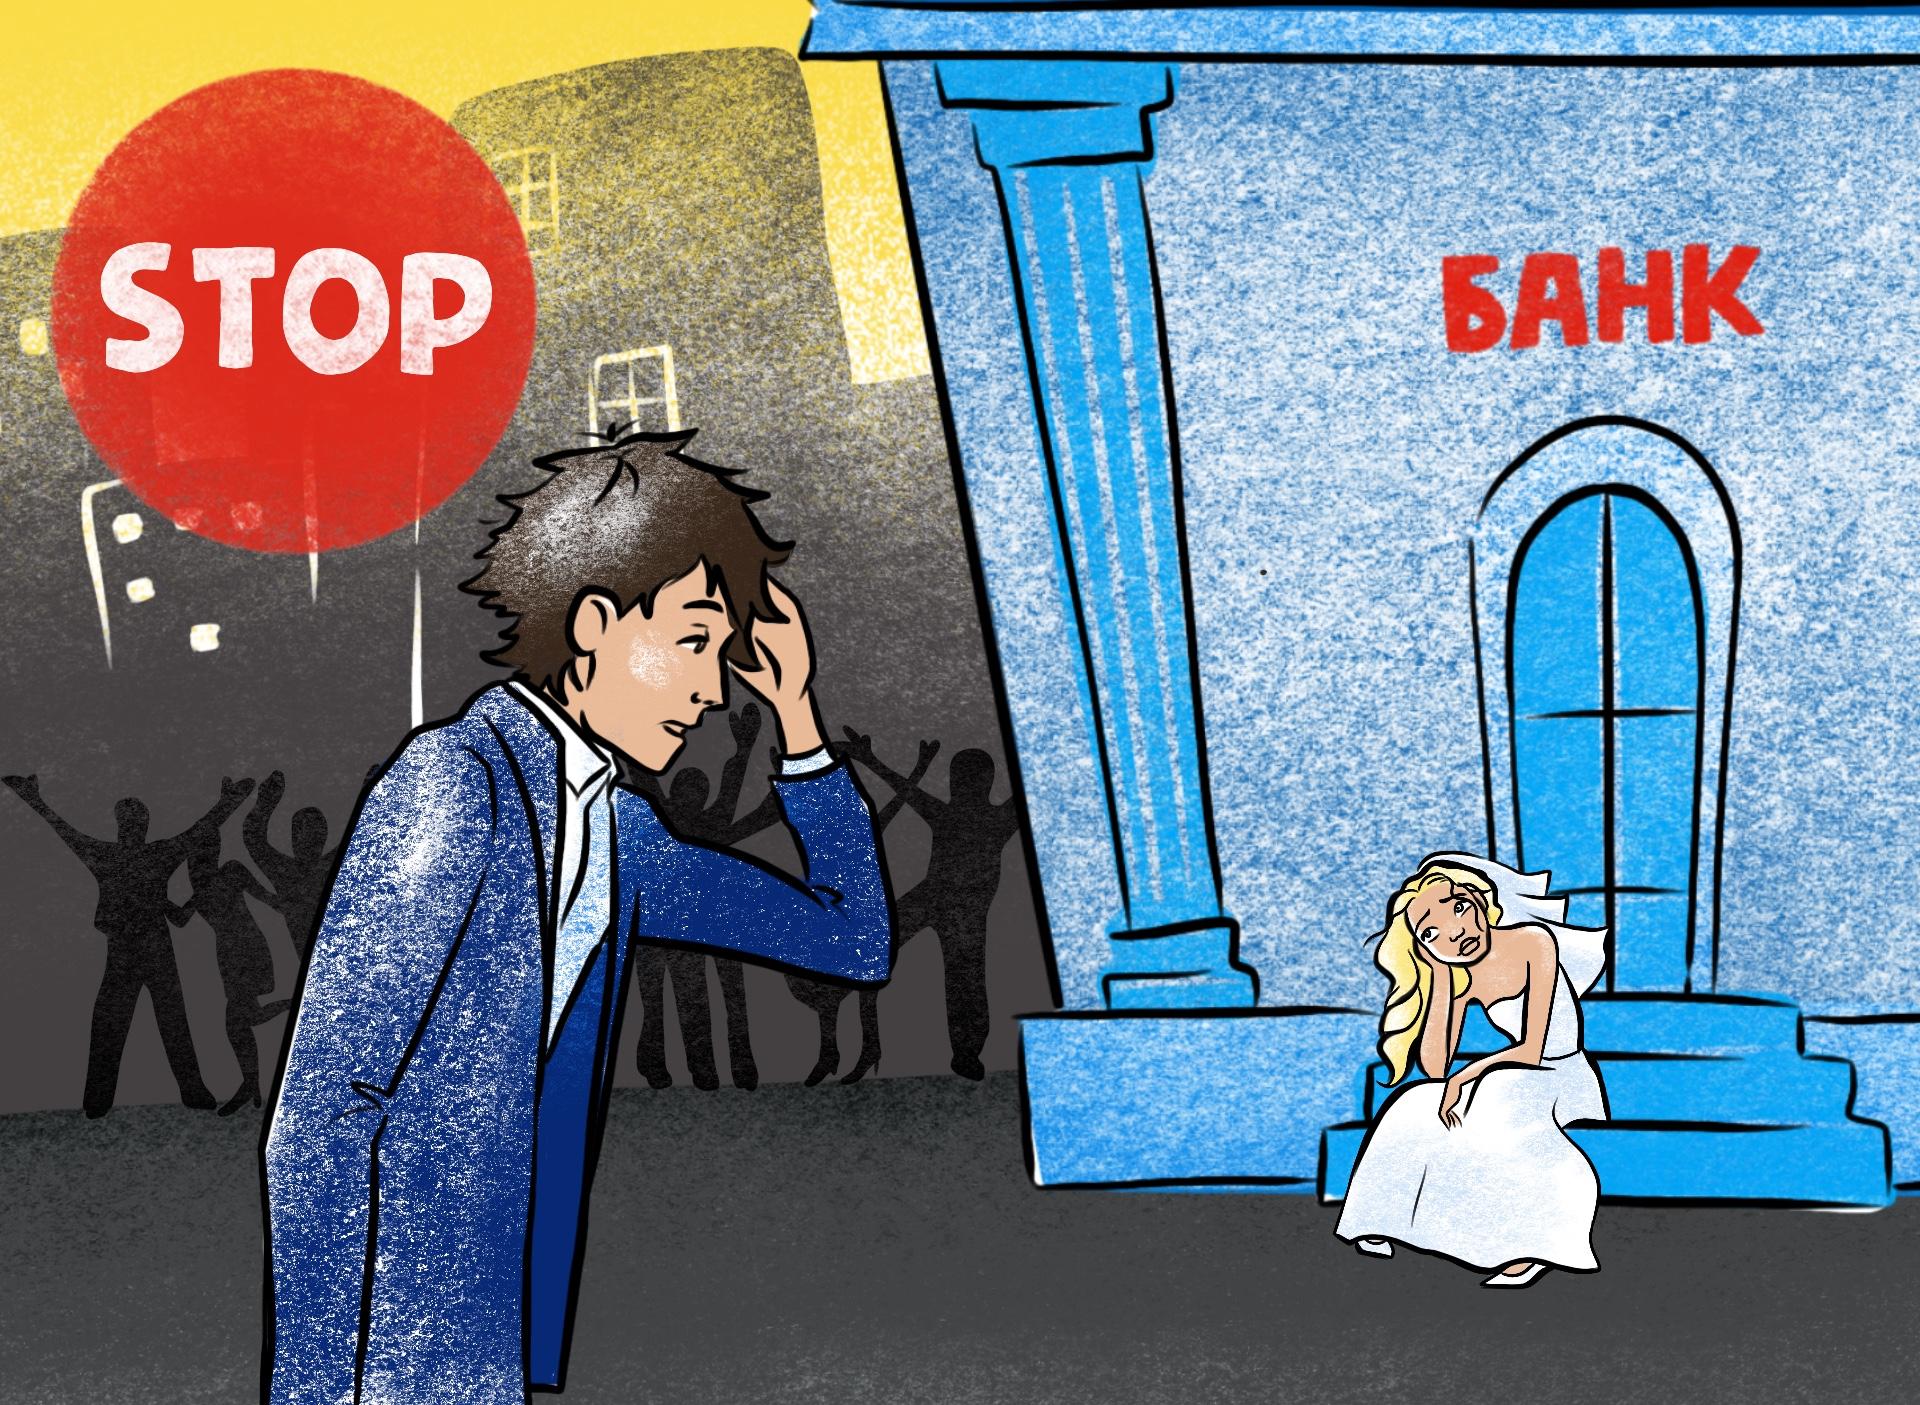 Большой кредит на свадьбу может привести к разладу в молодой семье